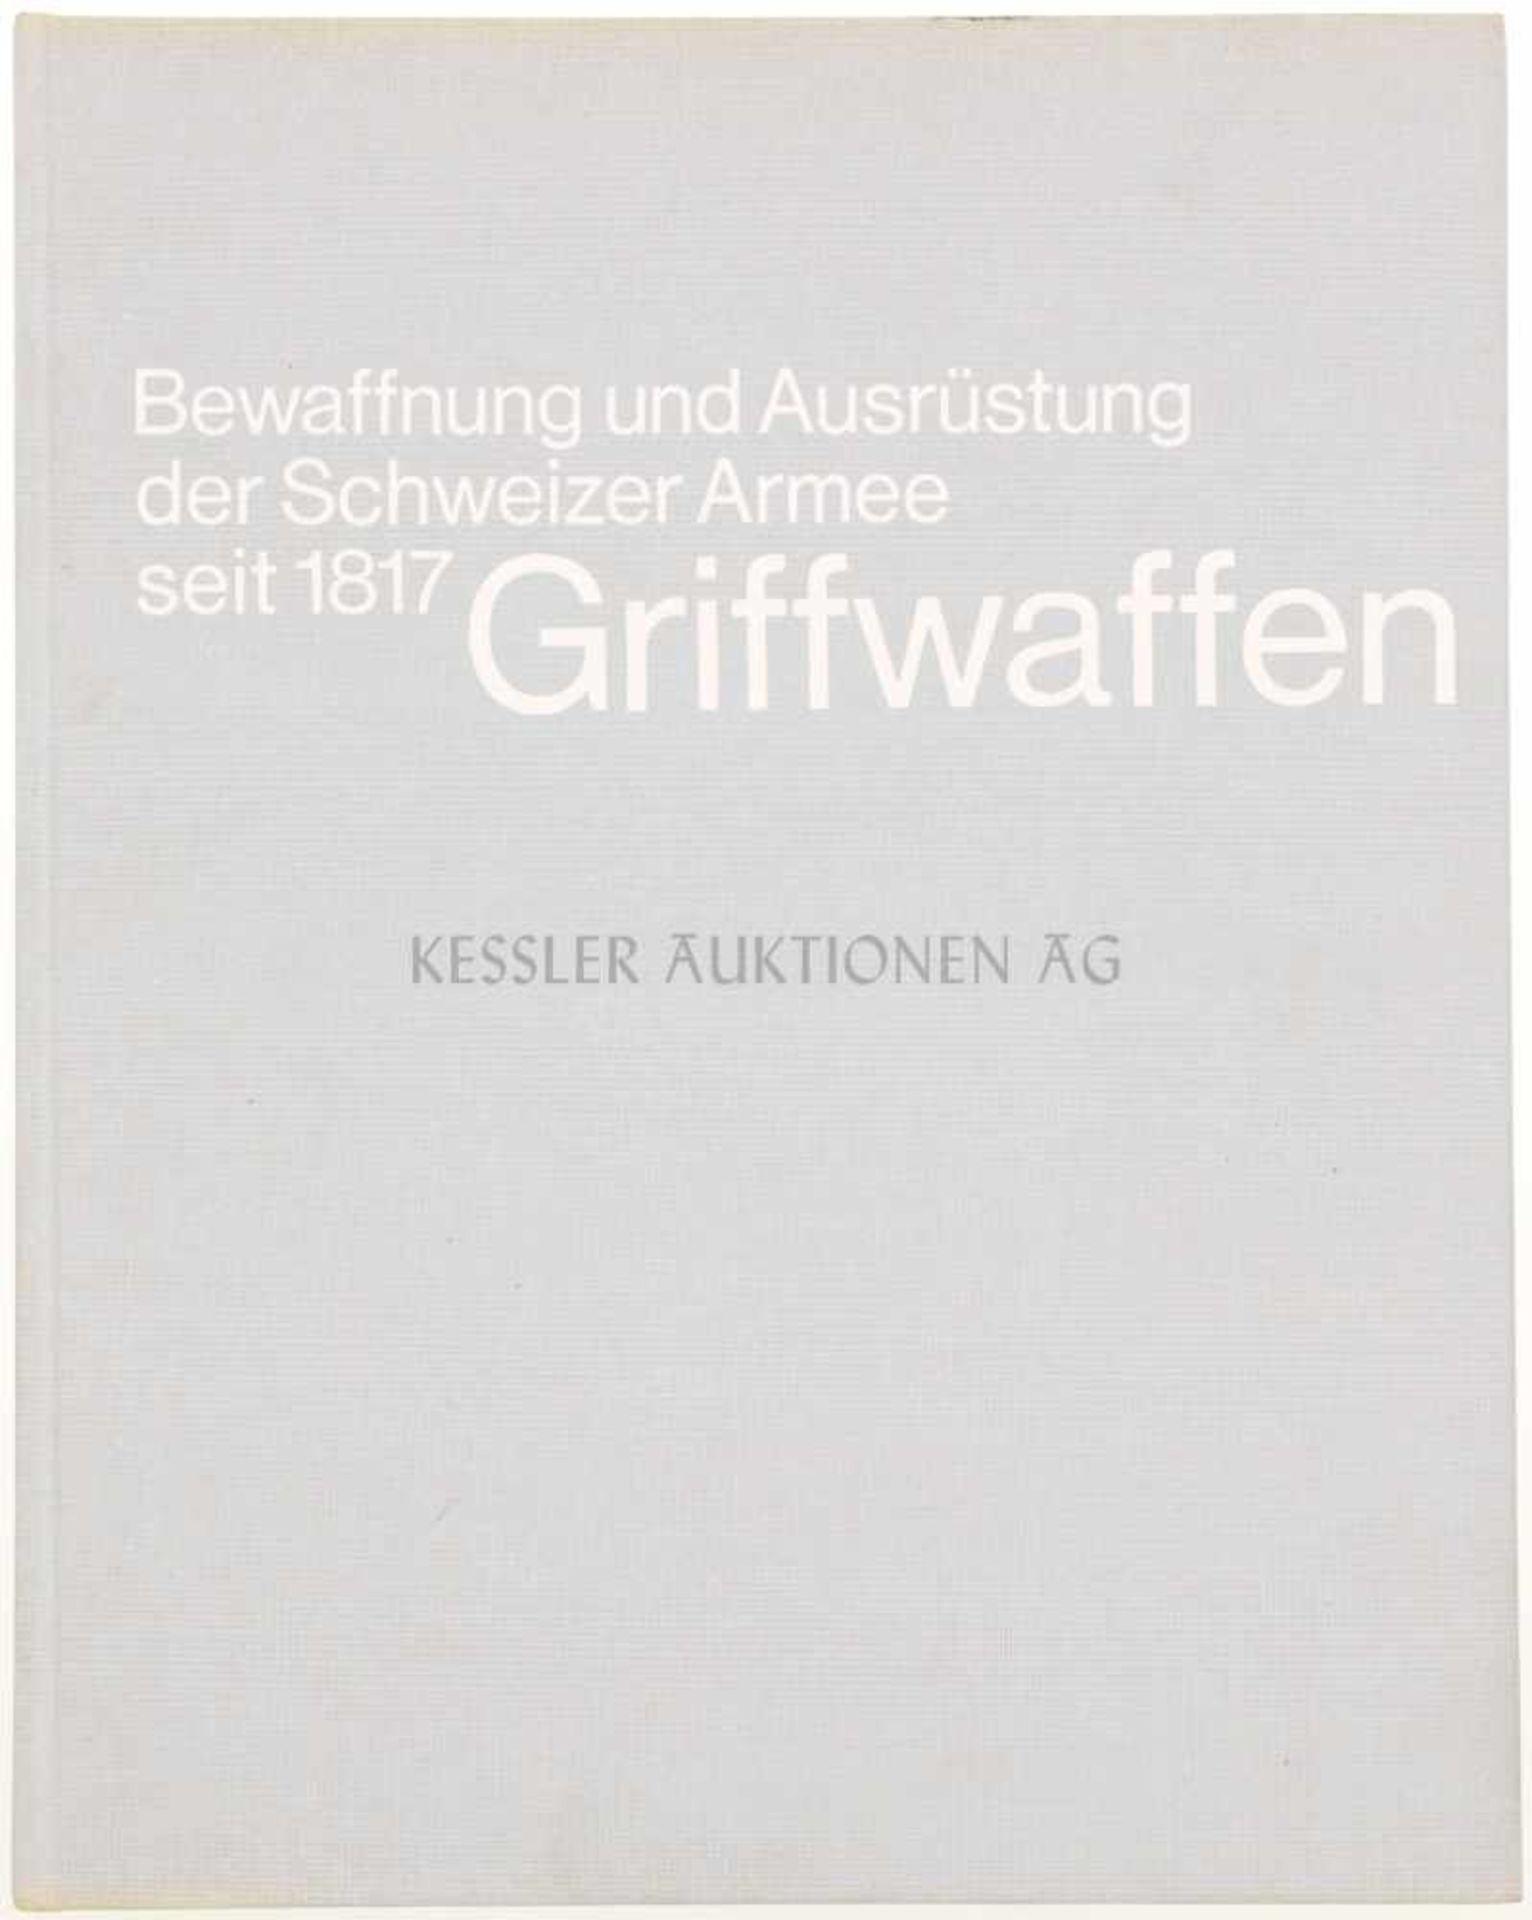 """Los 14 - Griffwaffen, Band 7 aus der Reihe """"Bewaffnung und Ausrüstung der Schweizer Armee seit 1817"""" Autoren:"""